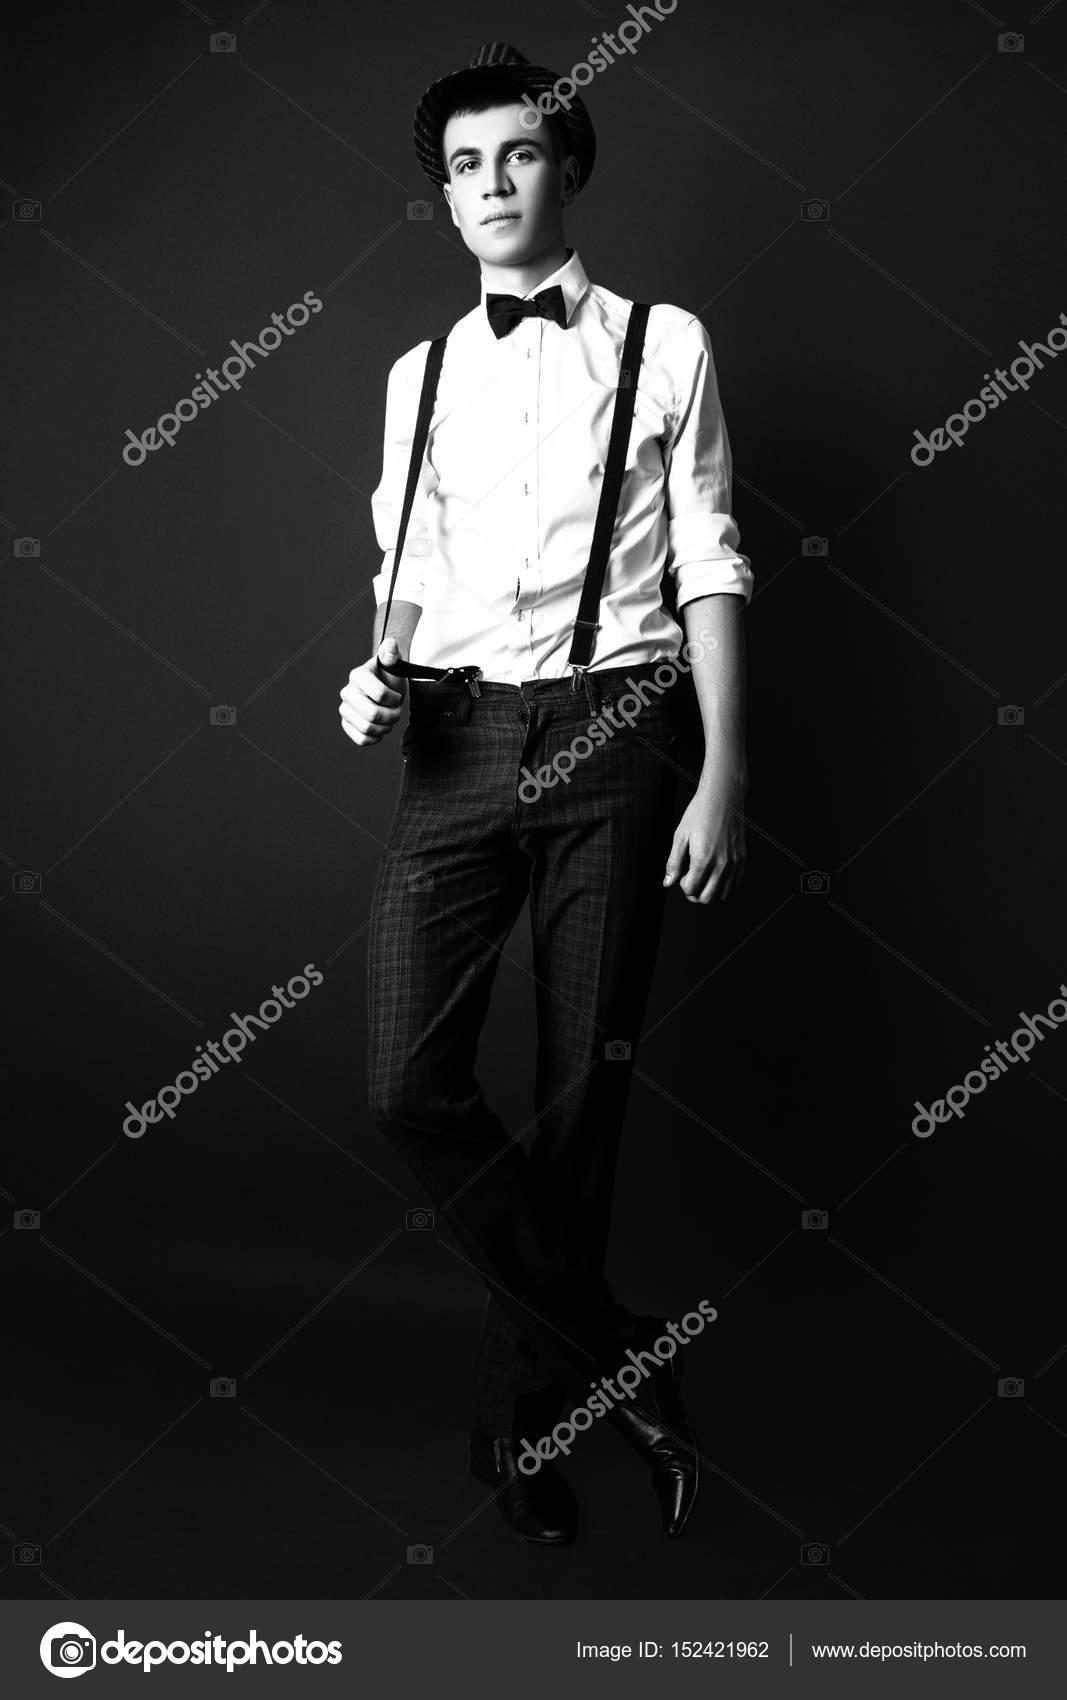 innovative design 450bd 30fe0 Foto di moda di giovane modello uomo su sfondo nero ...